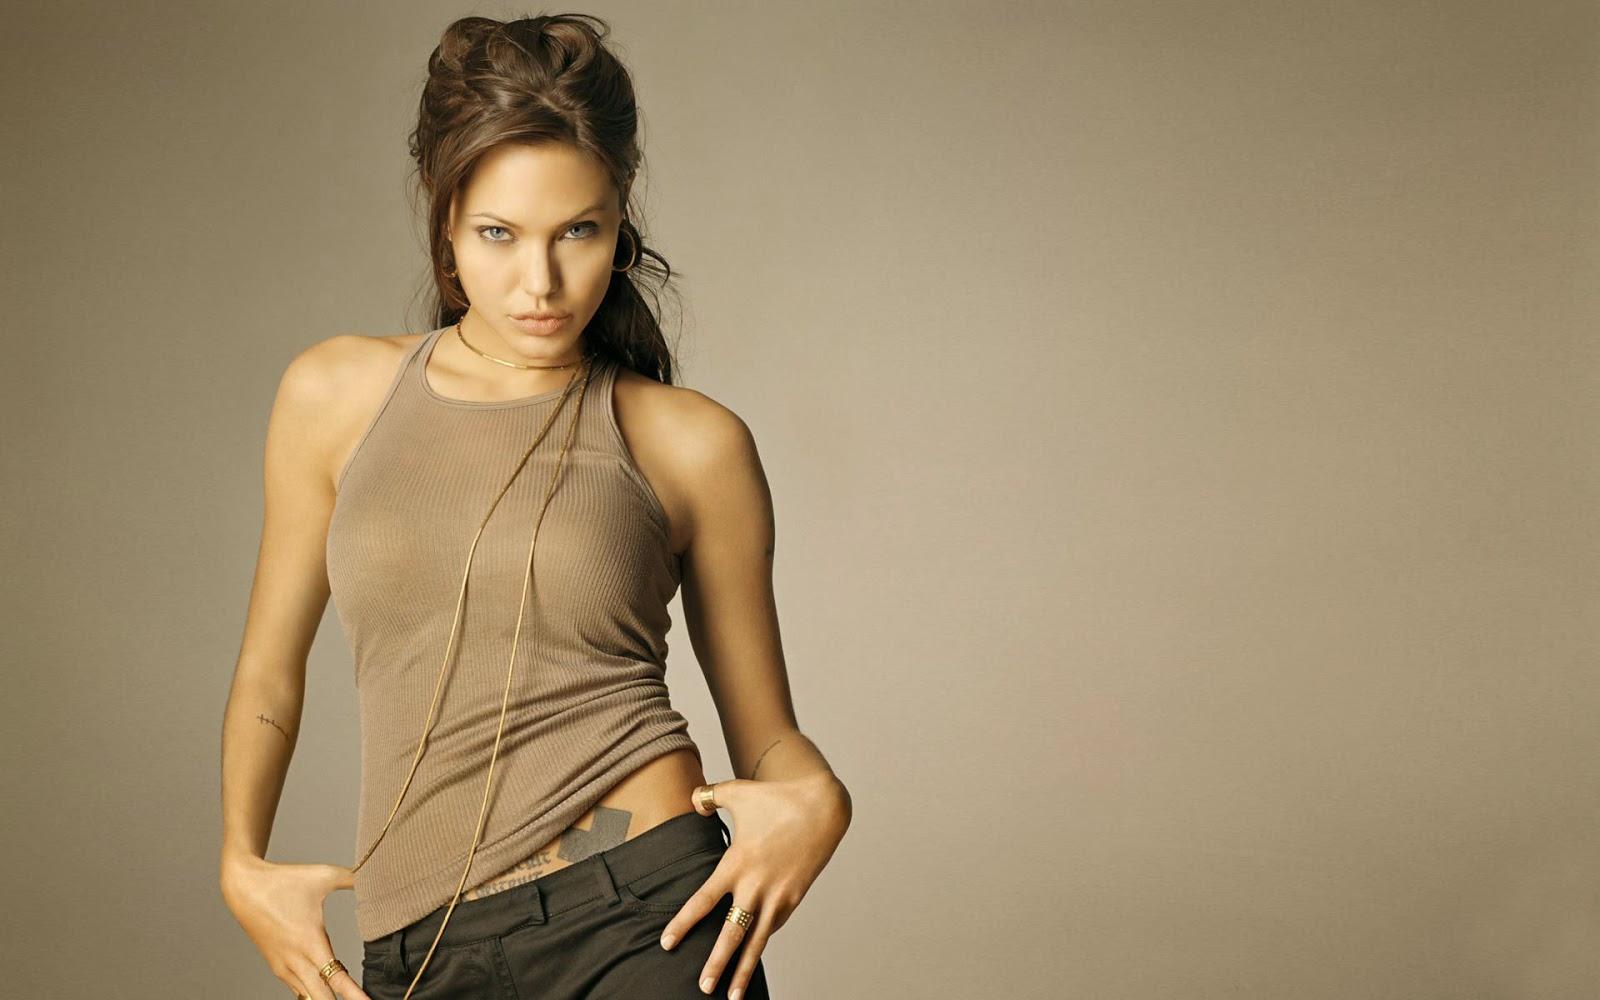 Angelina jolie nude wallpaper